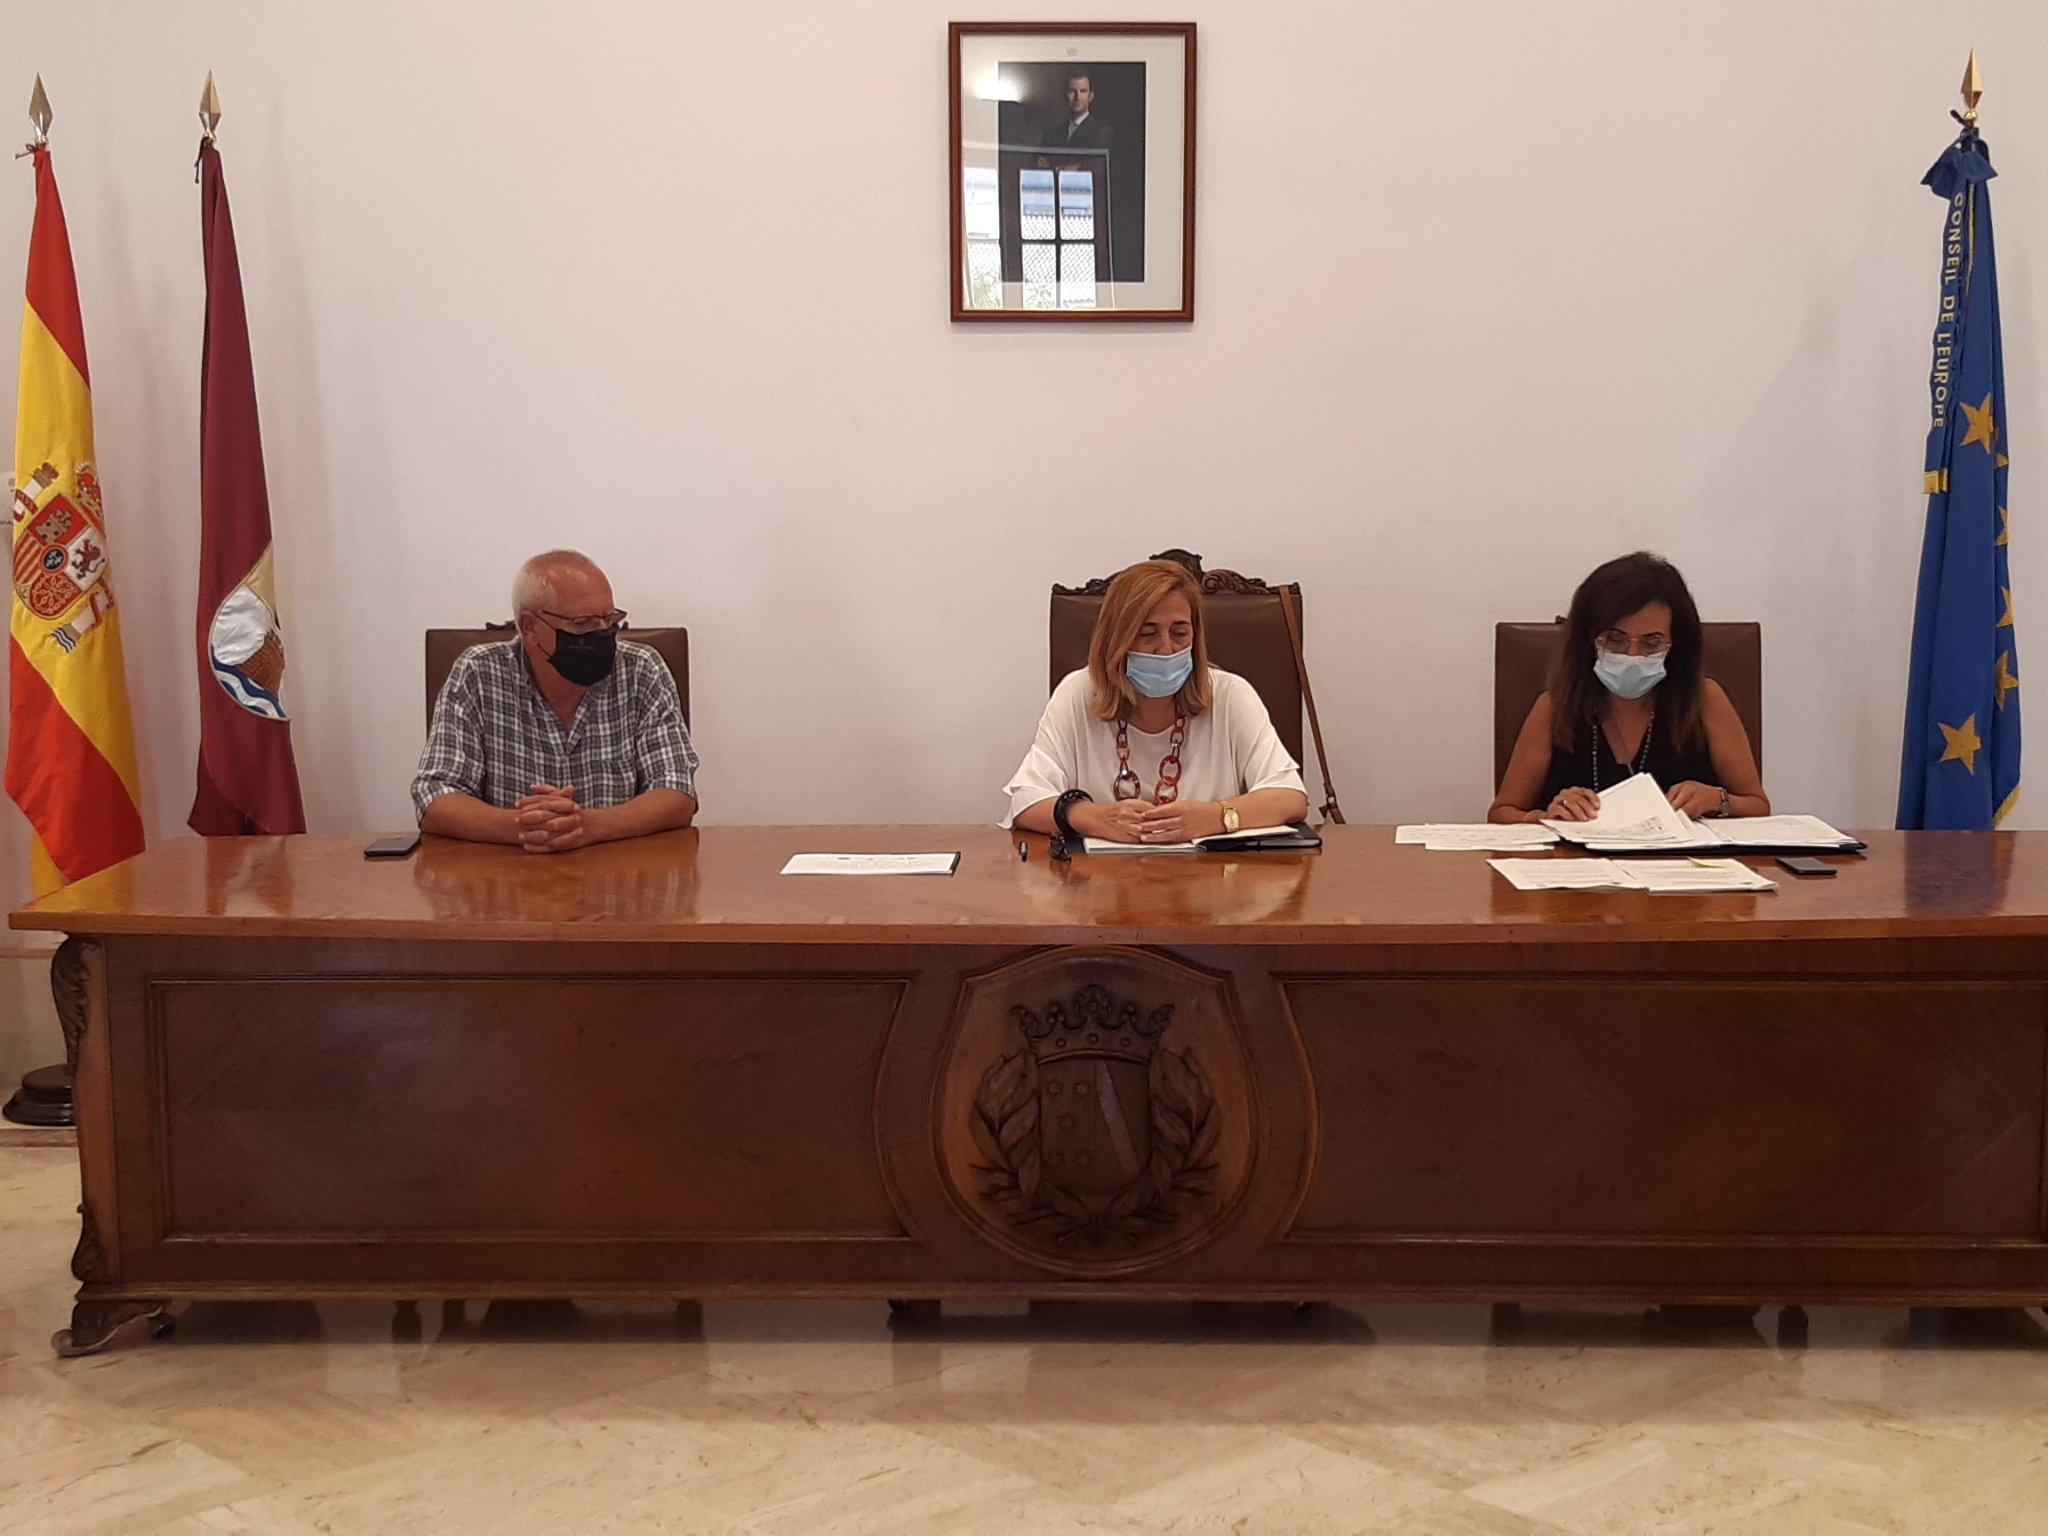 Reunión de la Junta Local de Seguridad de Dénia